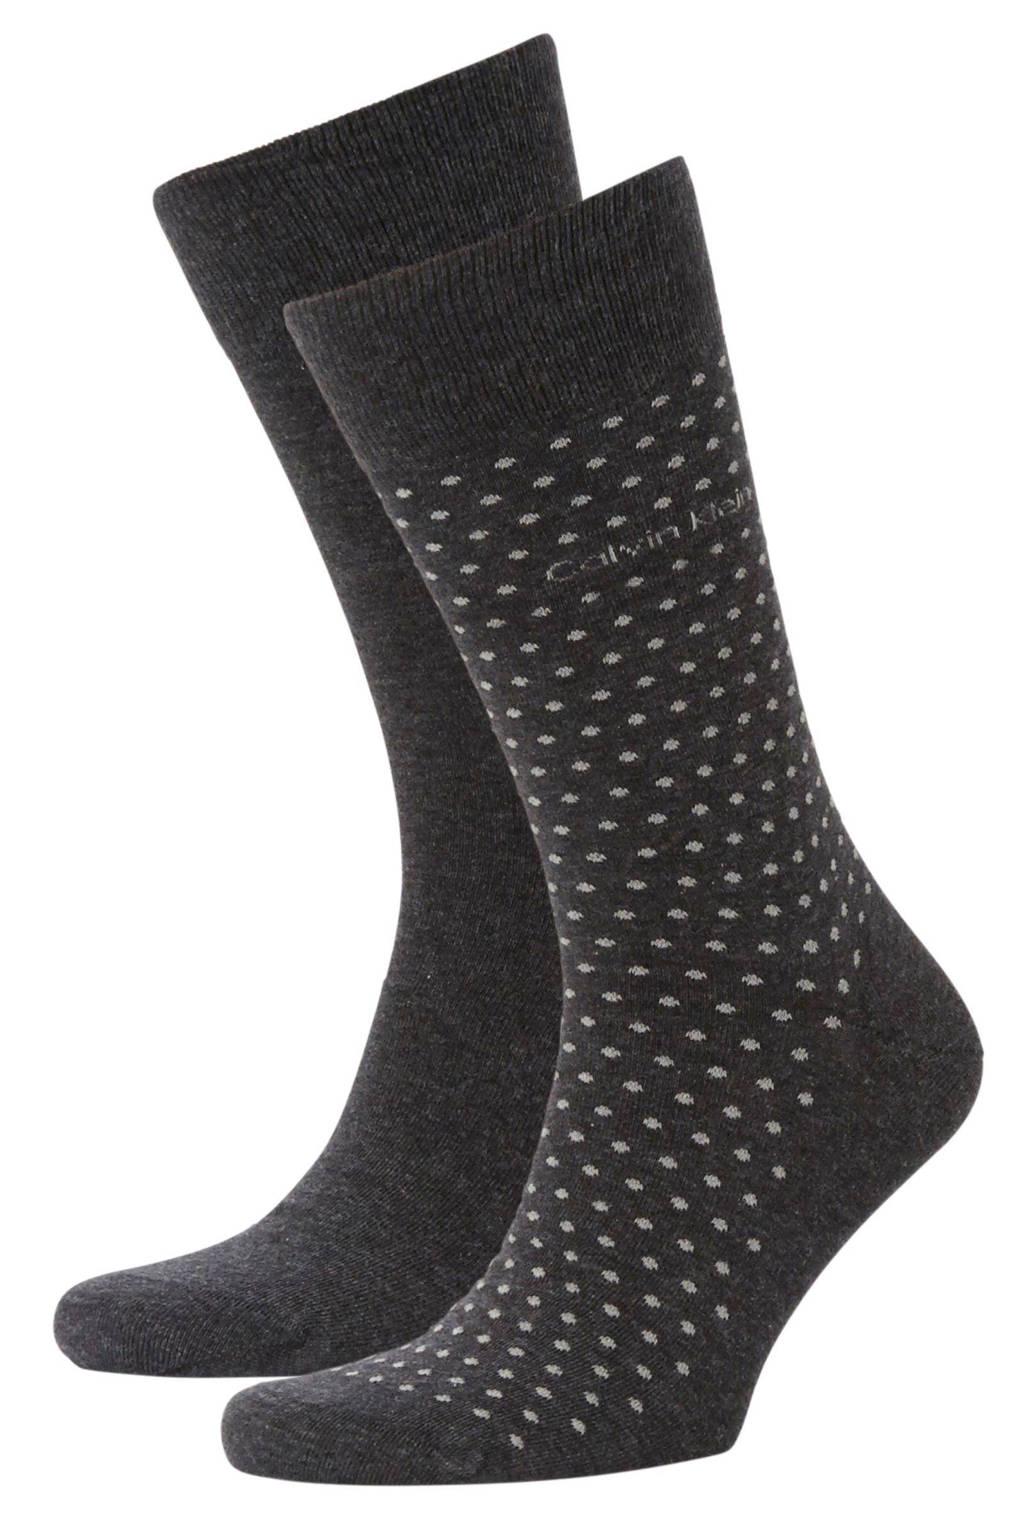 CALVIN KLEIN sokken - set van 2 multi, grijs  melange